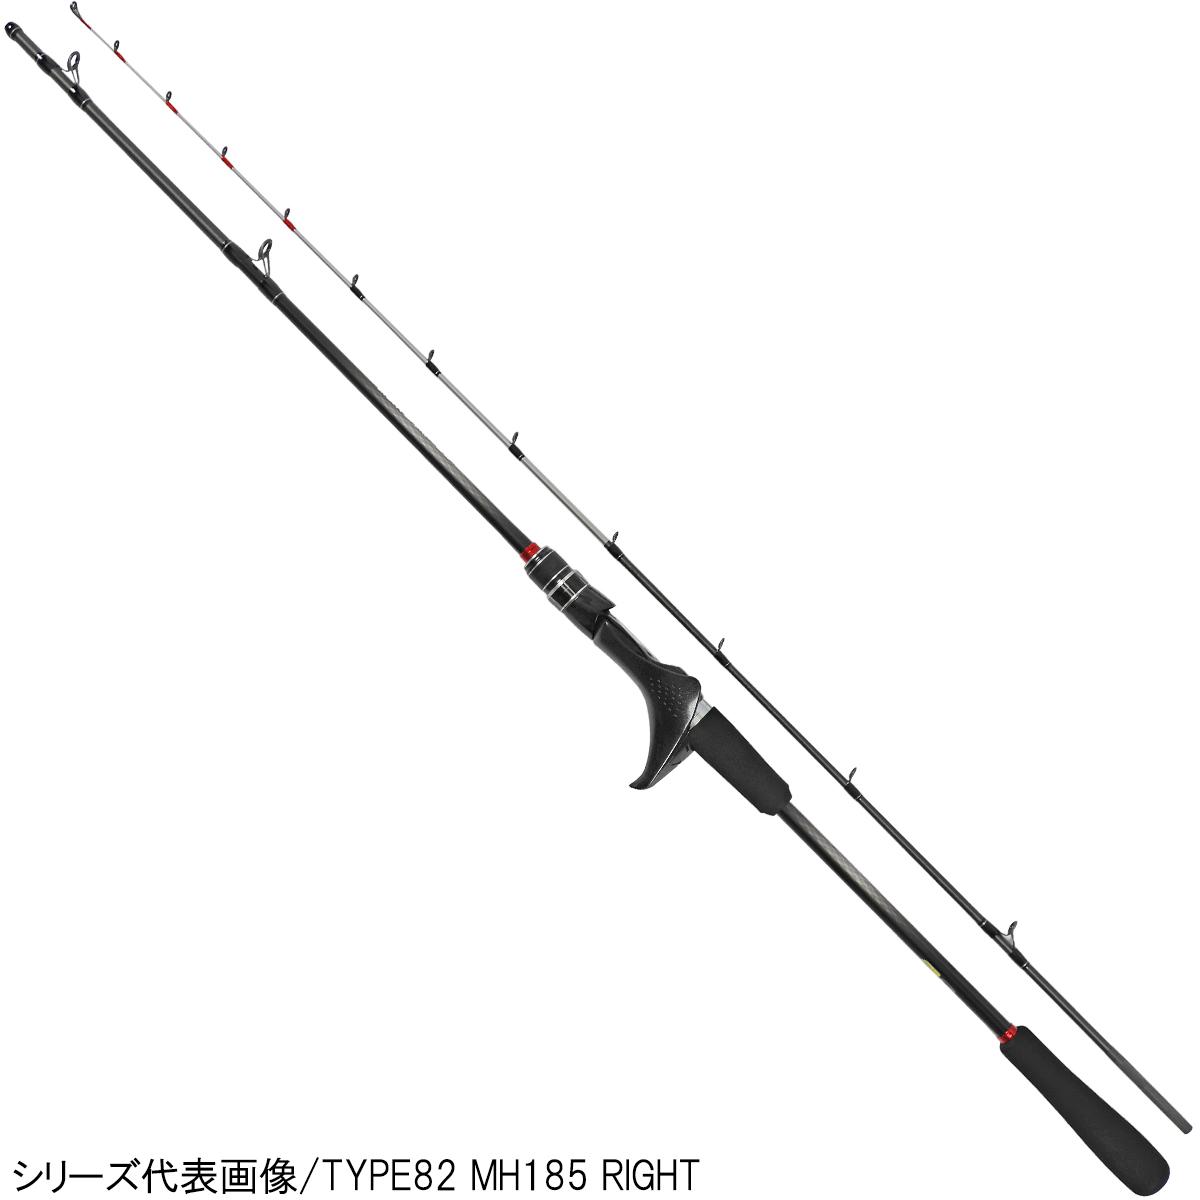 シマノ ライトゲームSS TYPE82 HH185 RIGHT